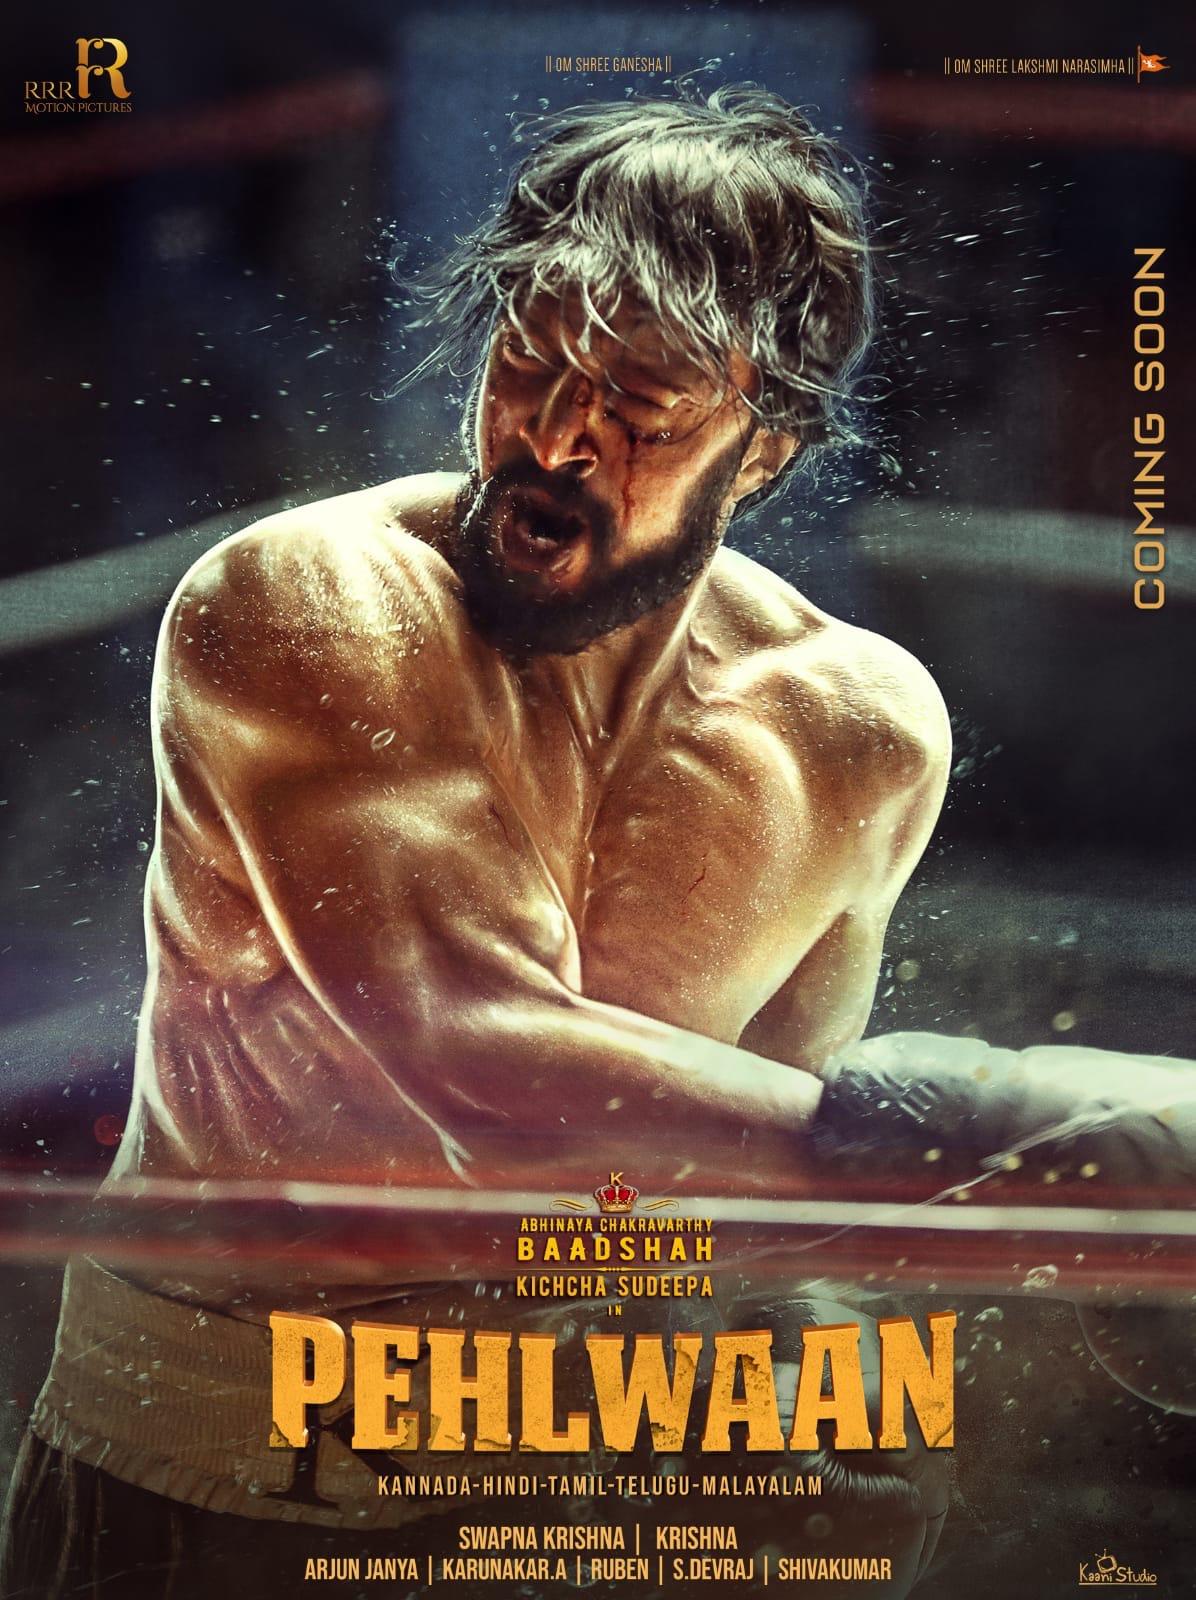 Baadshah Pehlwaan (2019) Hindi Dubbed Movie HDRip 720p AAC